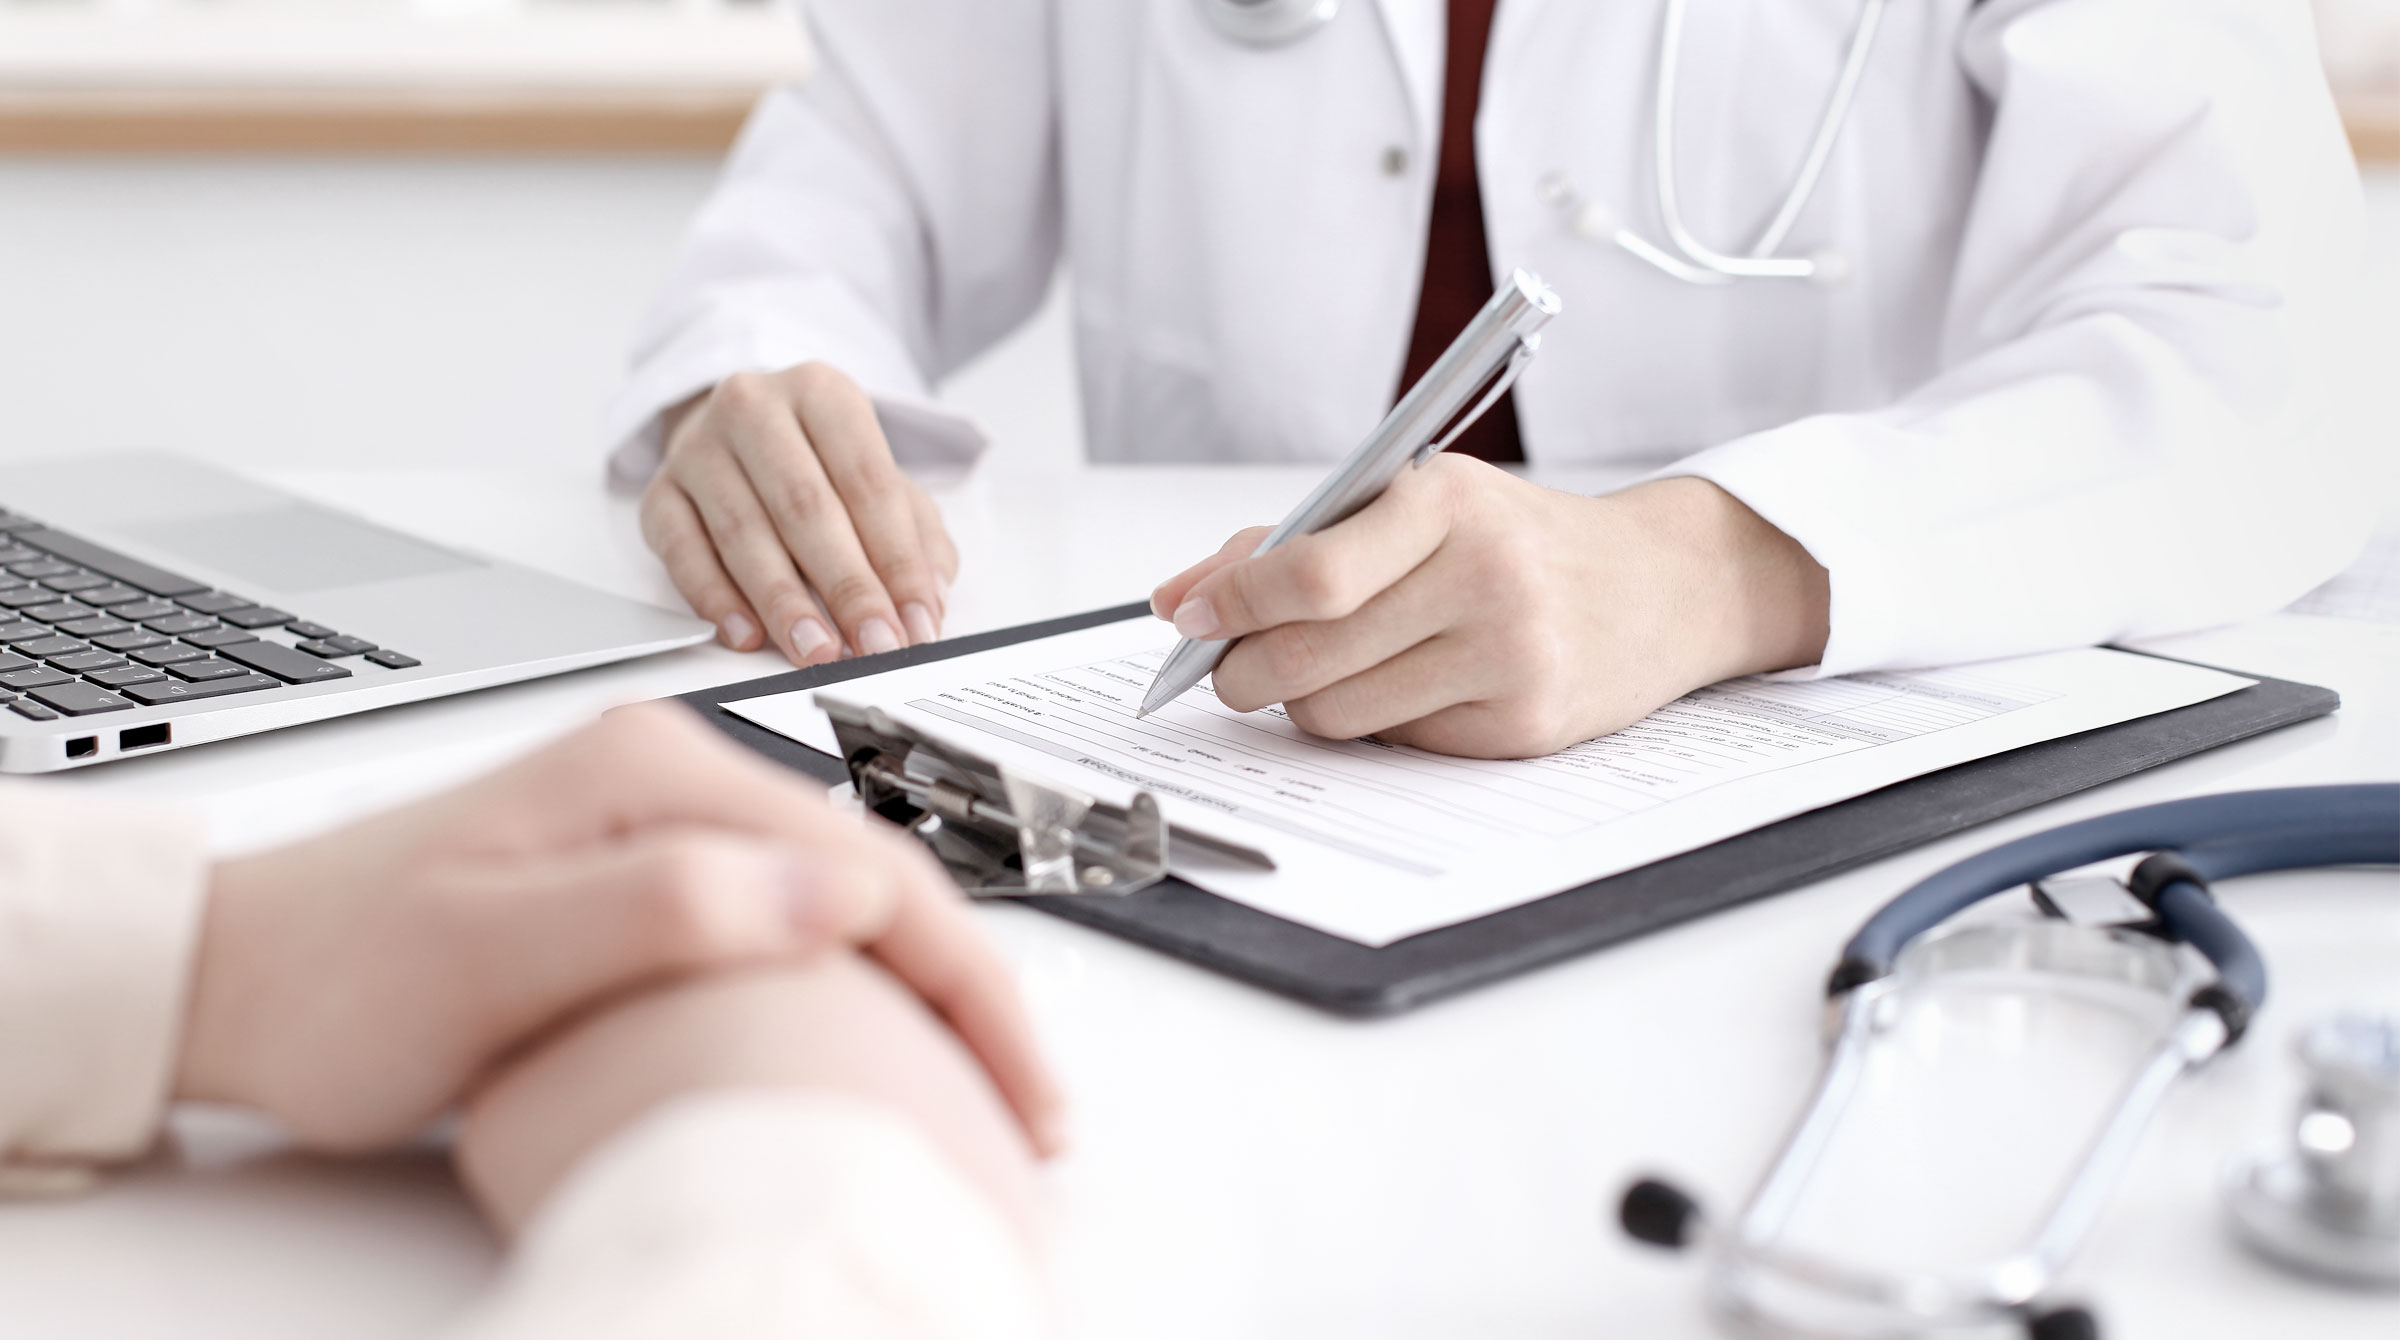 Teaserbild Ratgeber Krankenzusatzversicherung